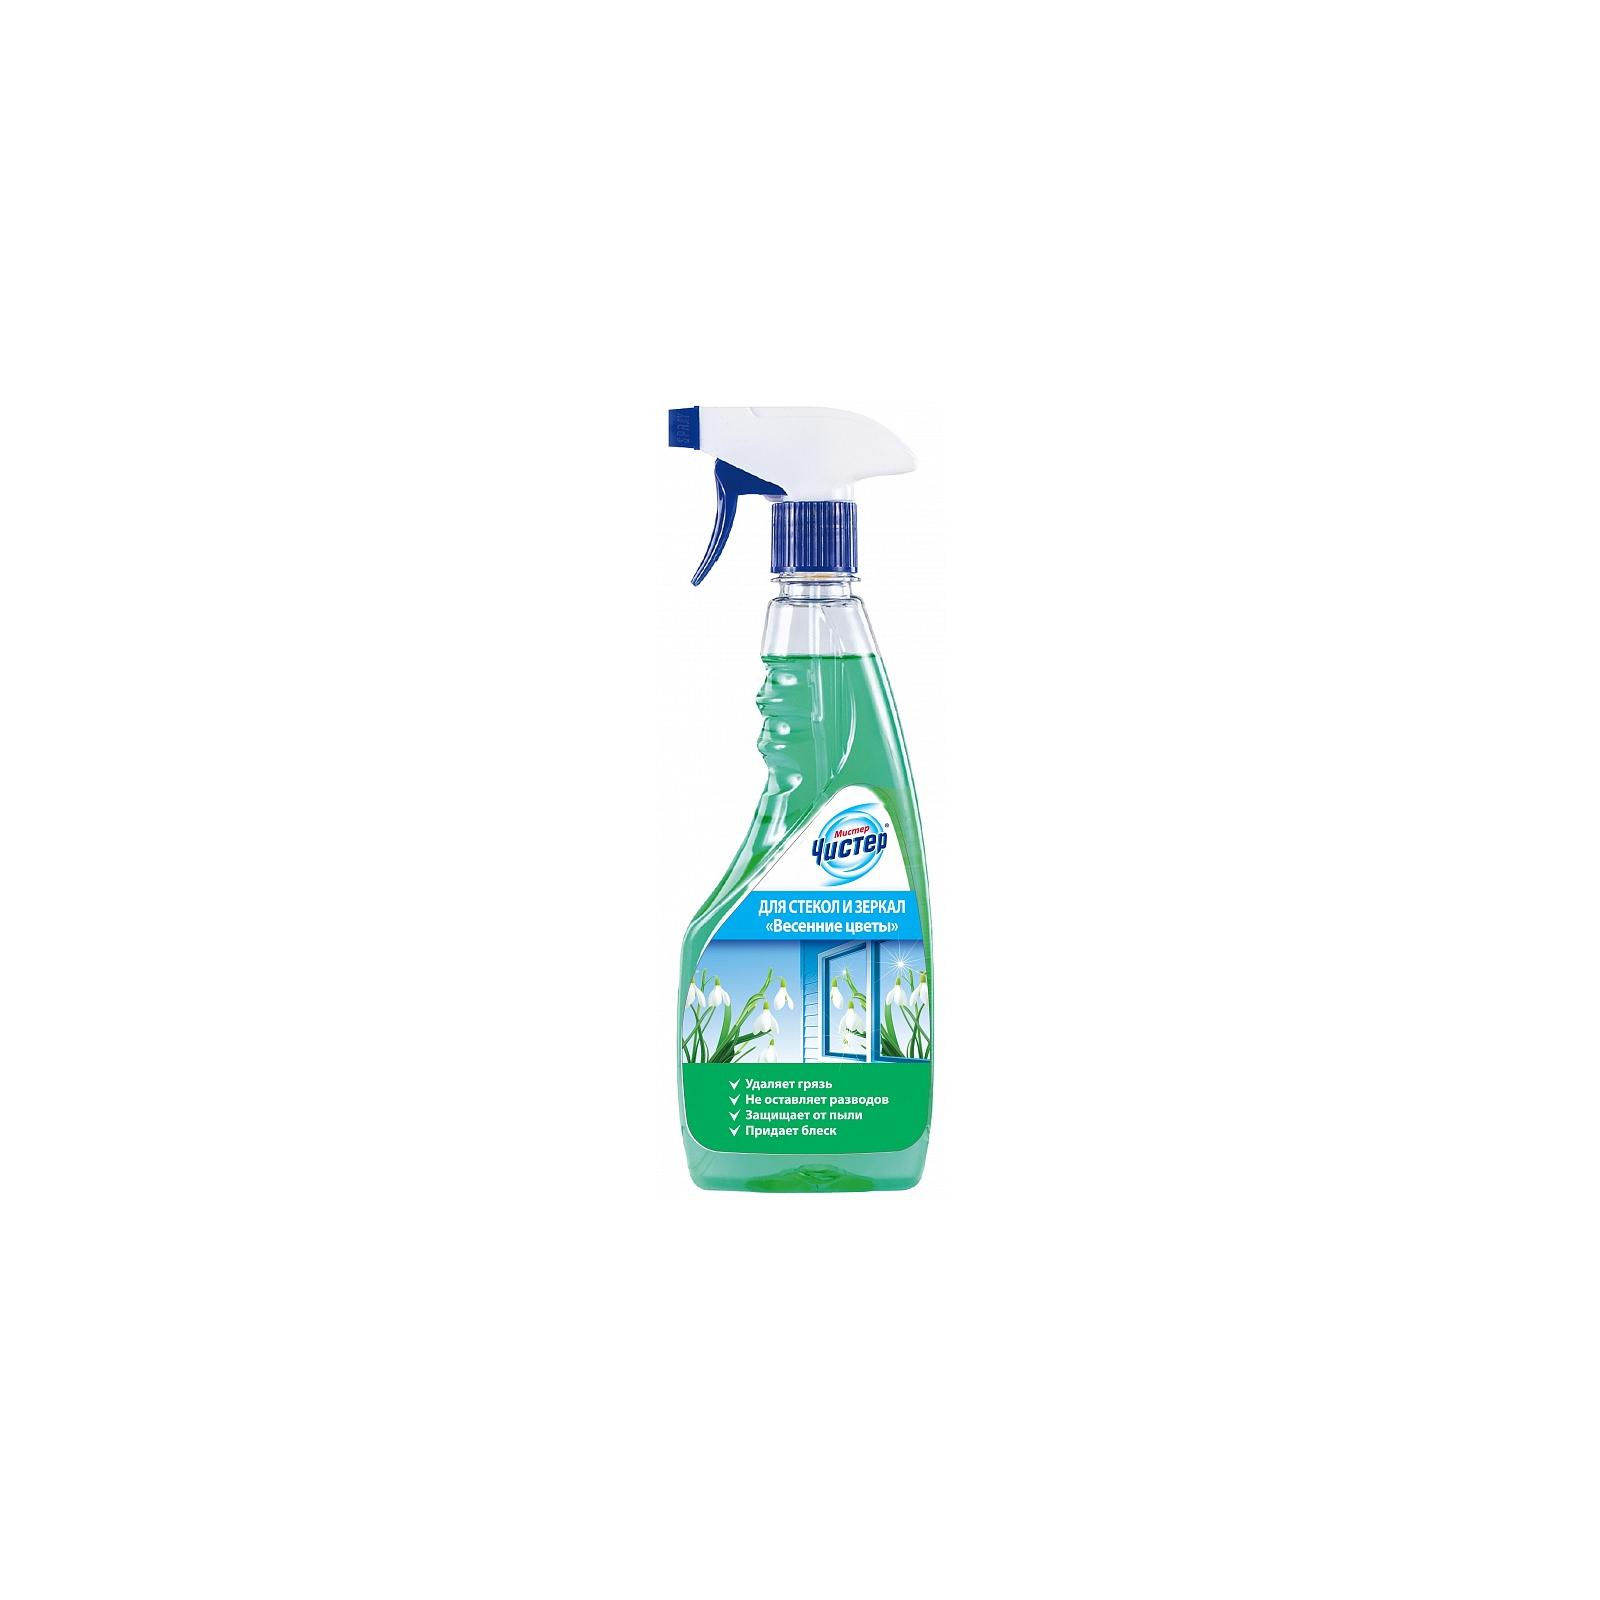 Моющая жидкость для уборки Мистер Чистер для стекол Весенние цветы 500 мл (4820026413334)